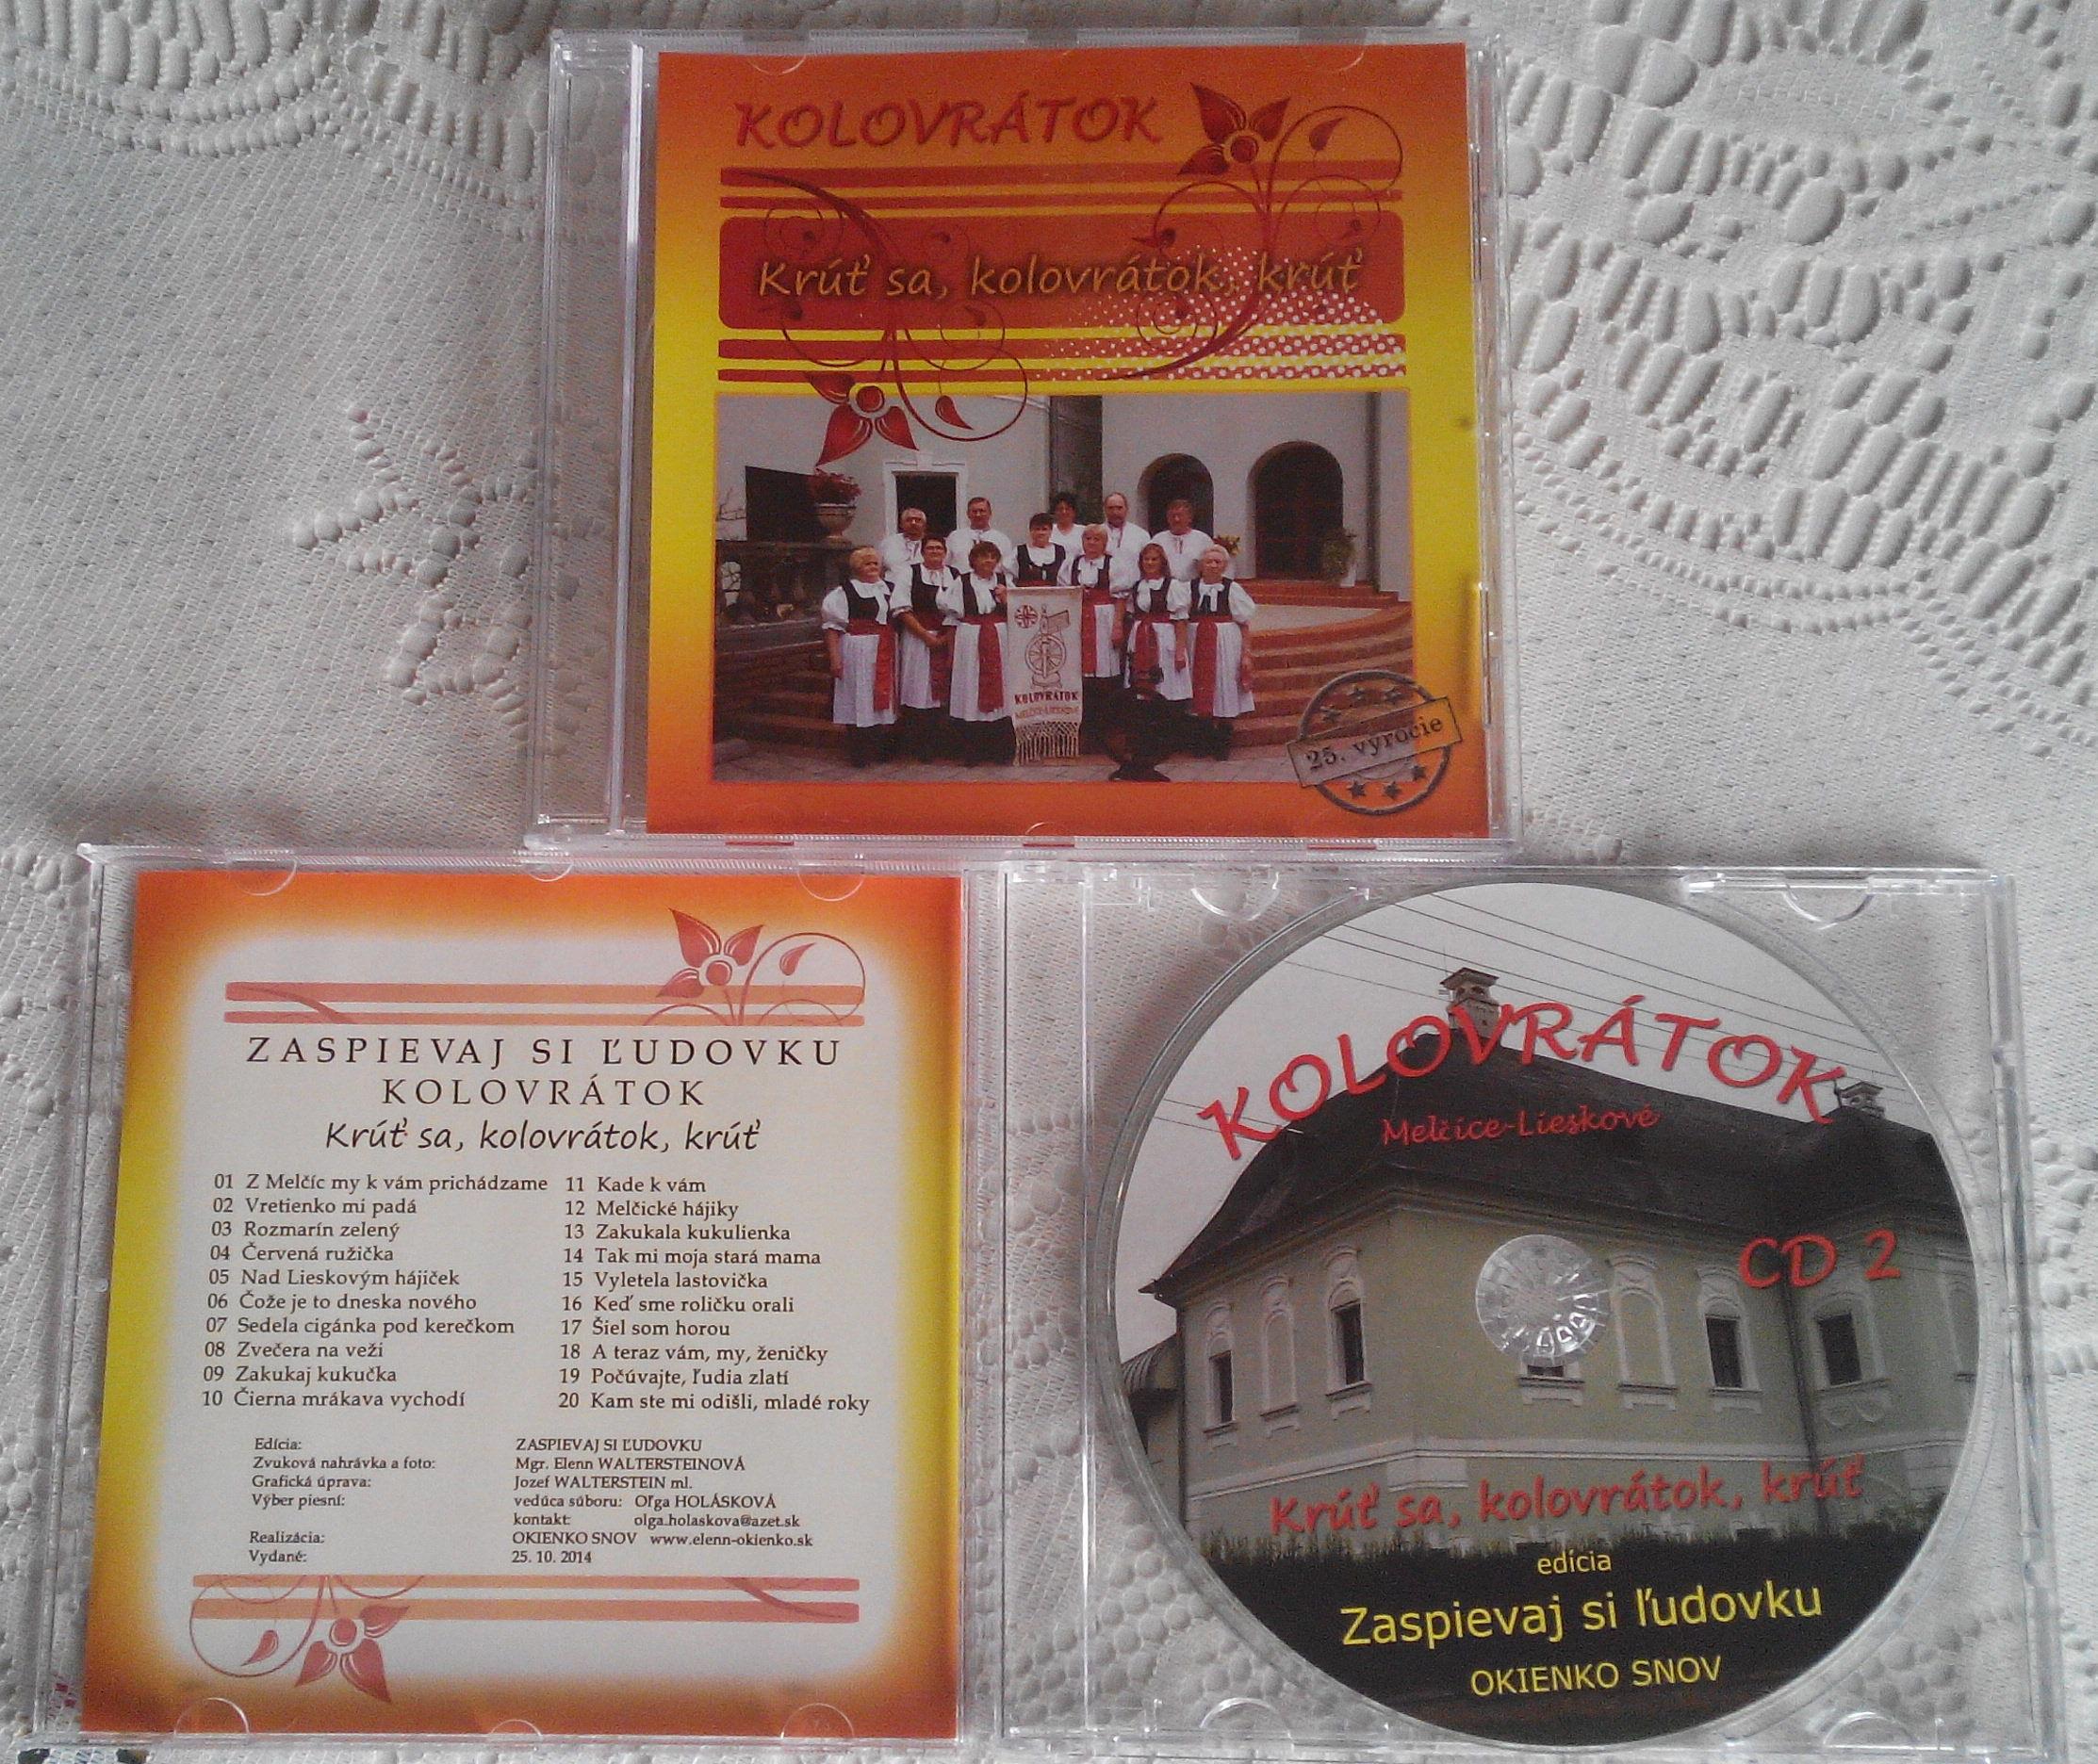 CD 2_KOLOVRÁTOK z Melčíc-Lieskového